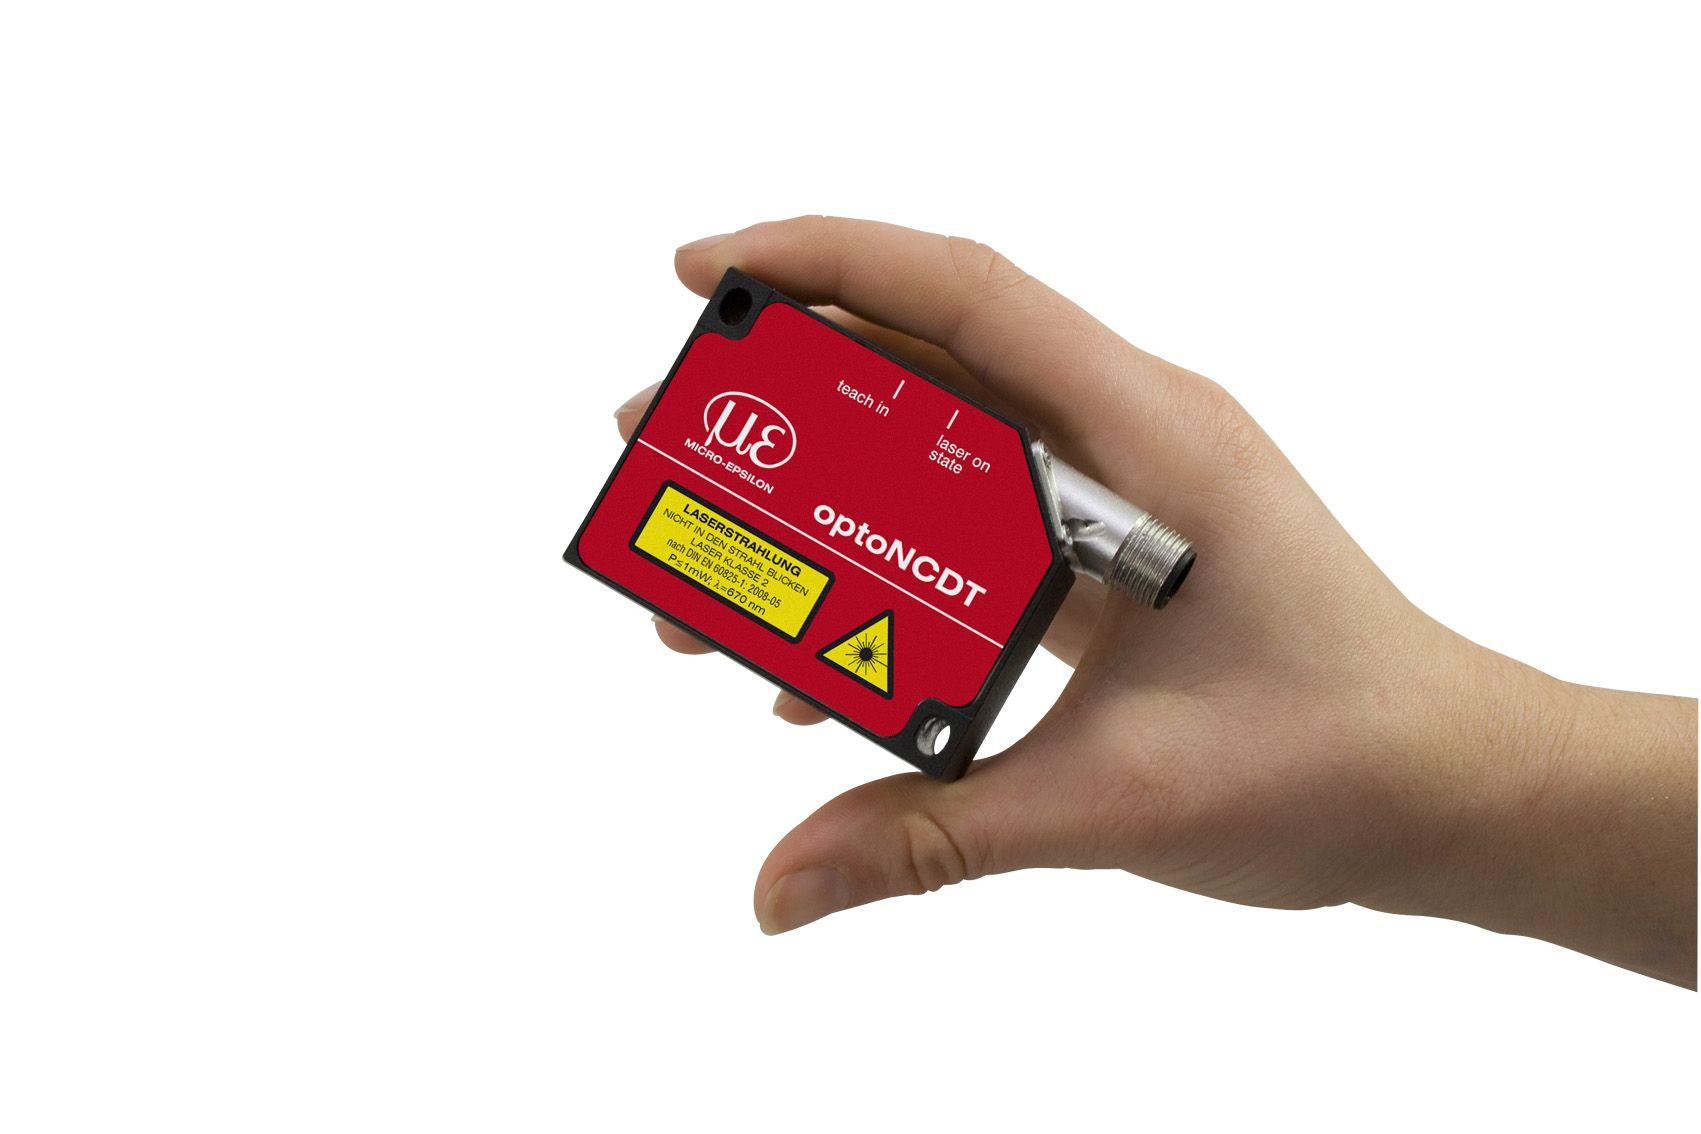 czujnik laserowy optoNCDT 1302